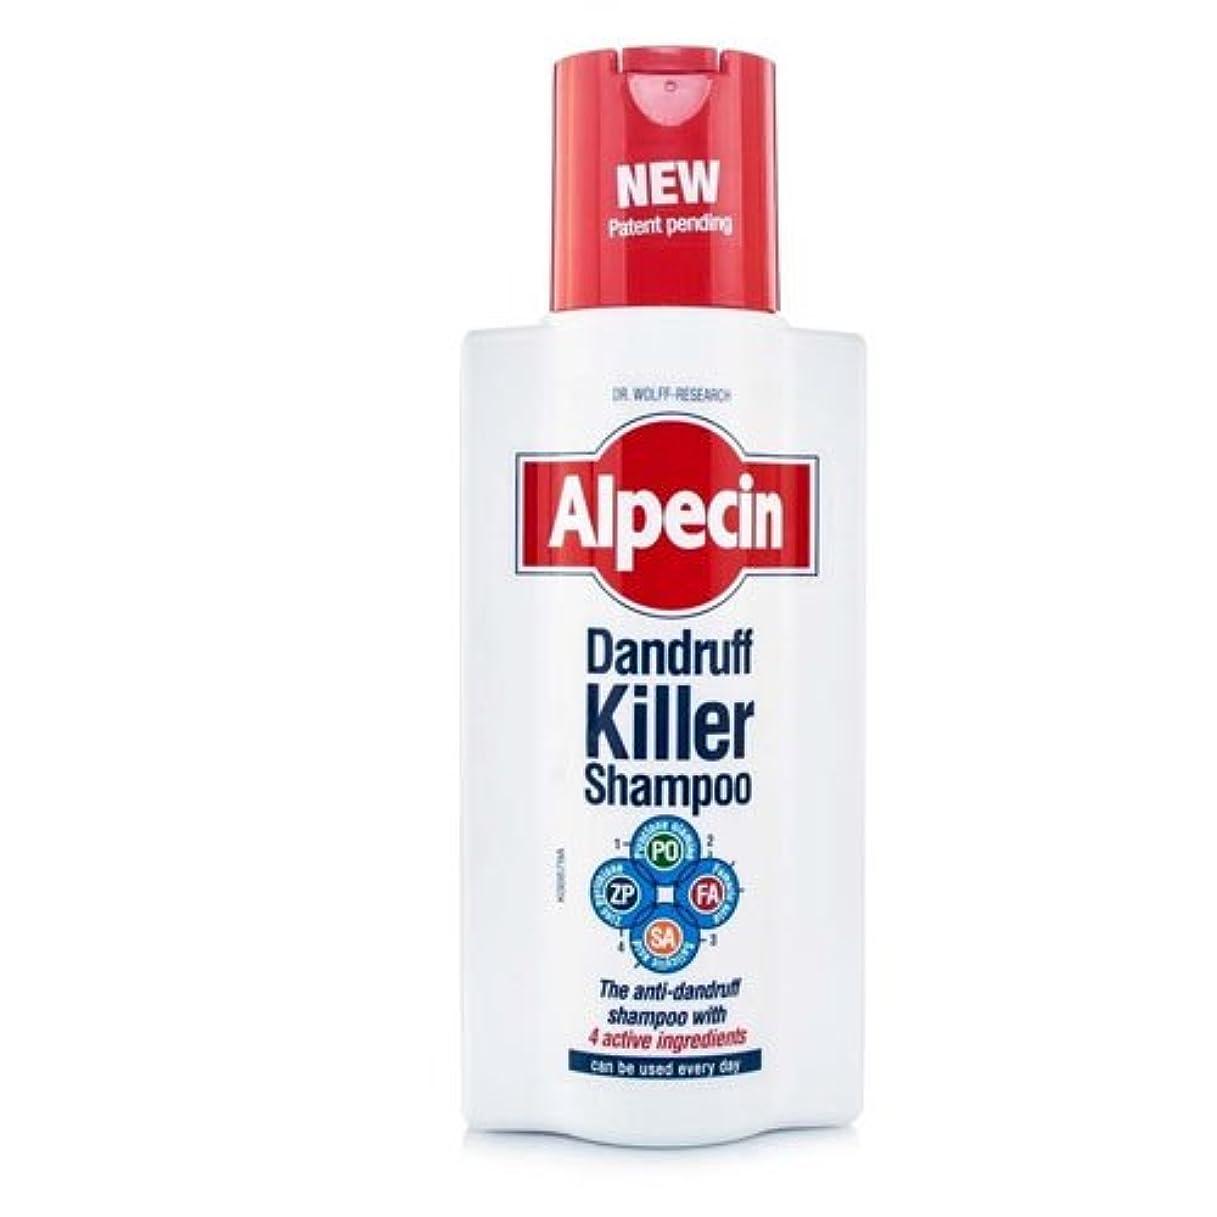 アボート証書ベッドAlpecin Dandruff Killer Shampoo 250 ml by Alpecin [並行輸入品]